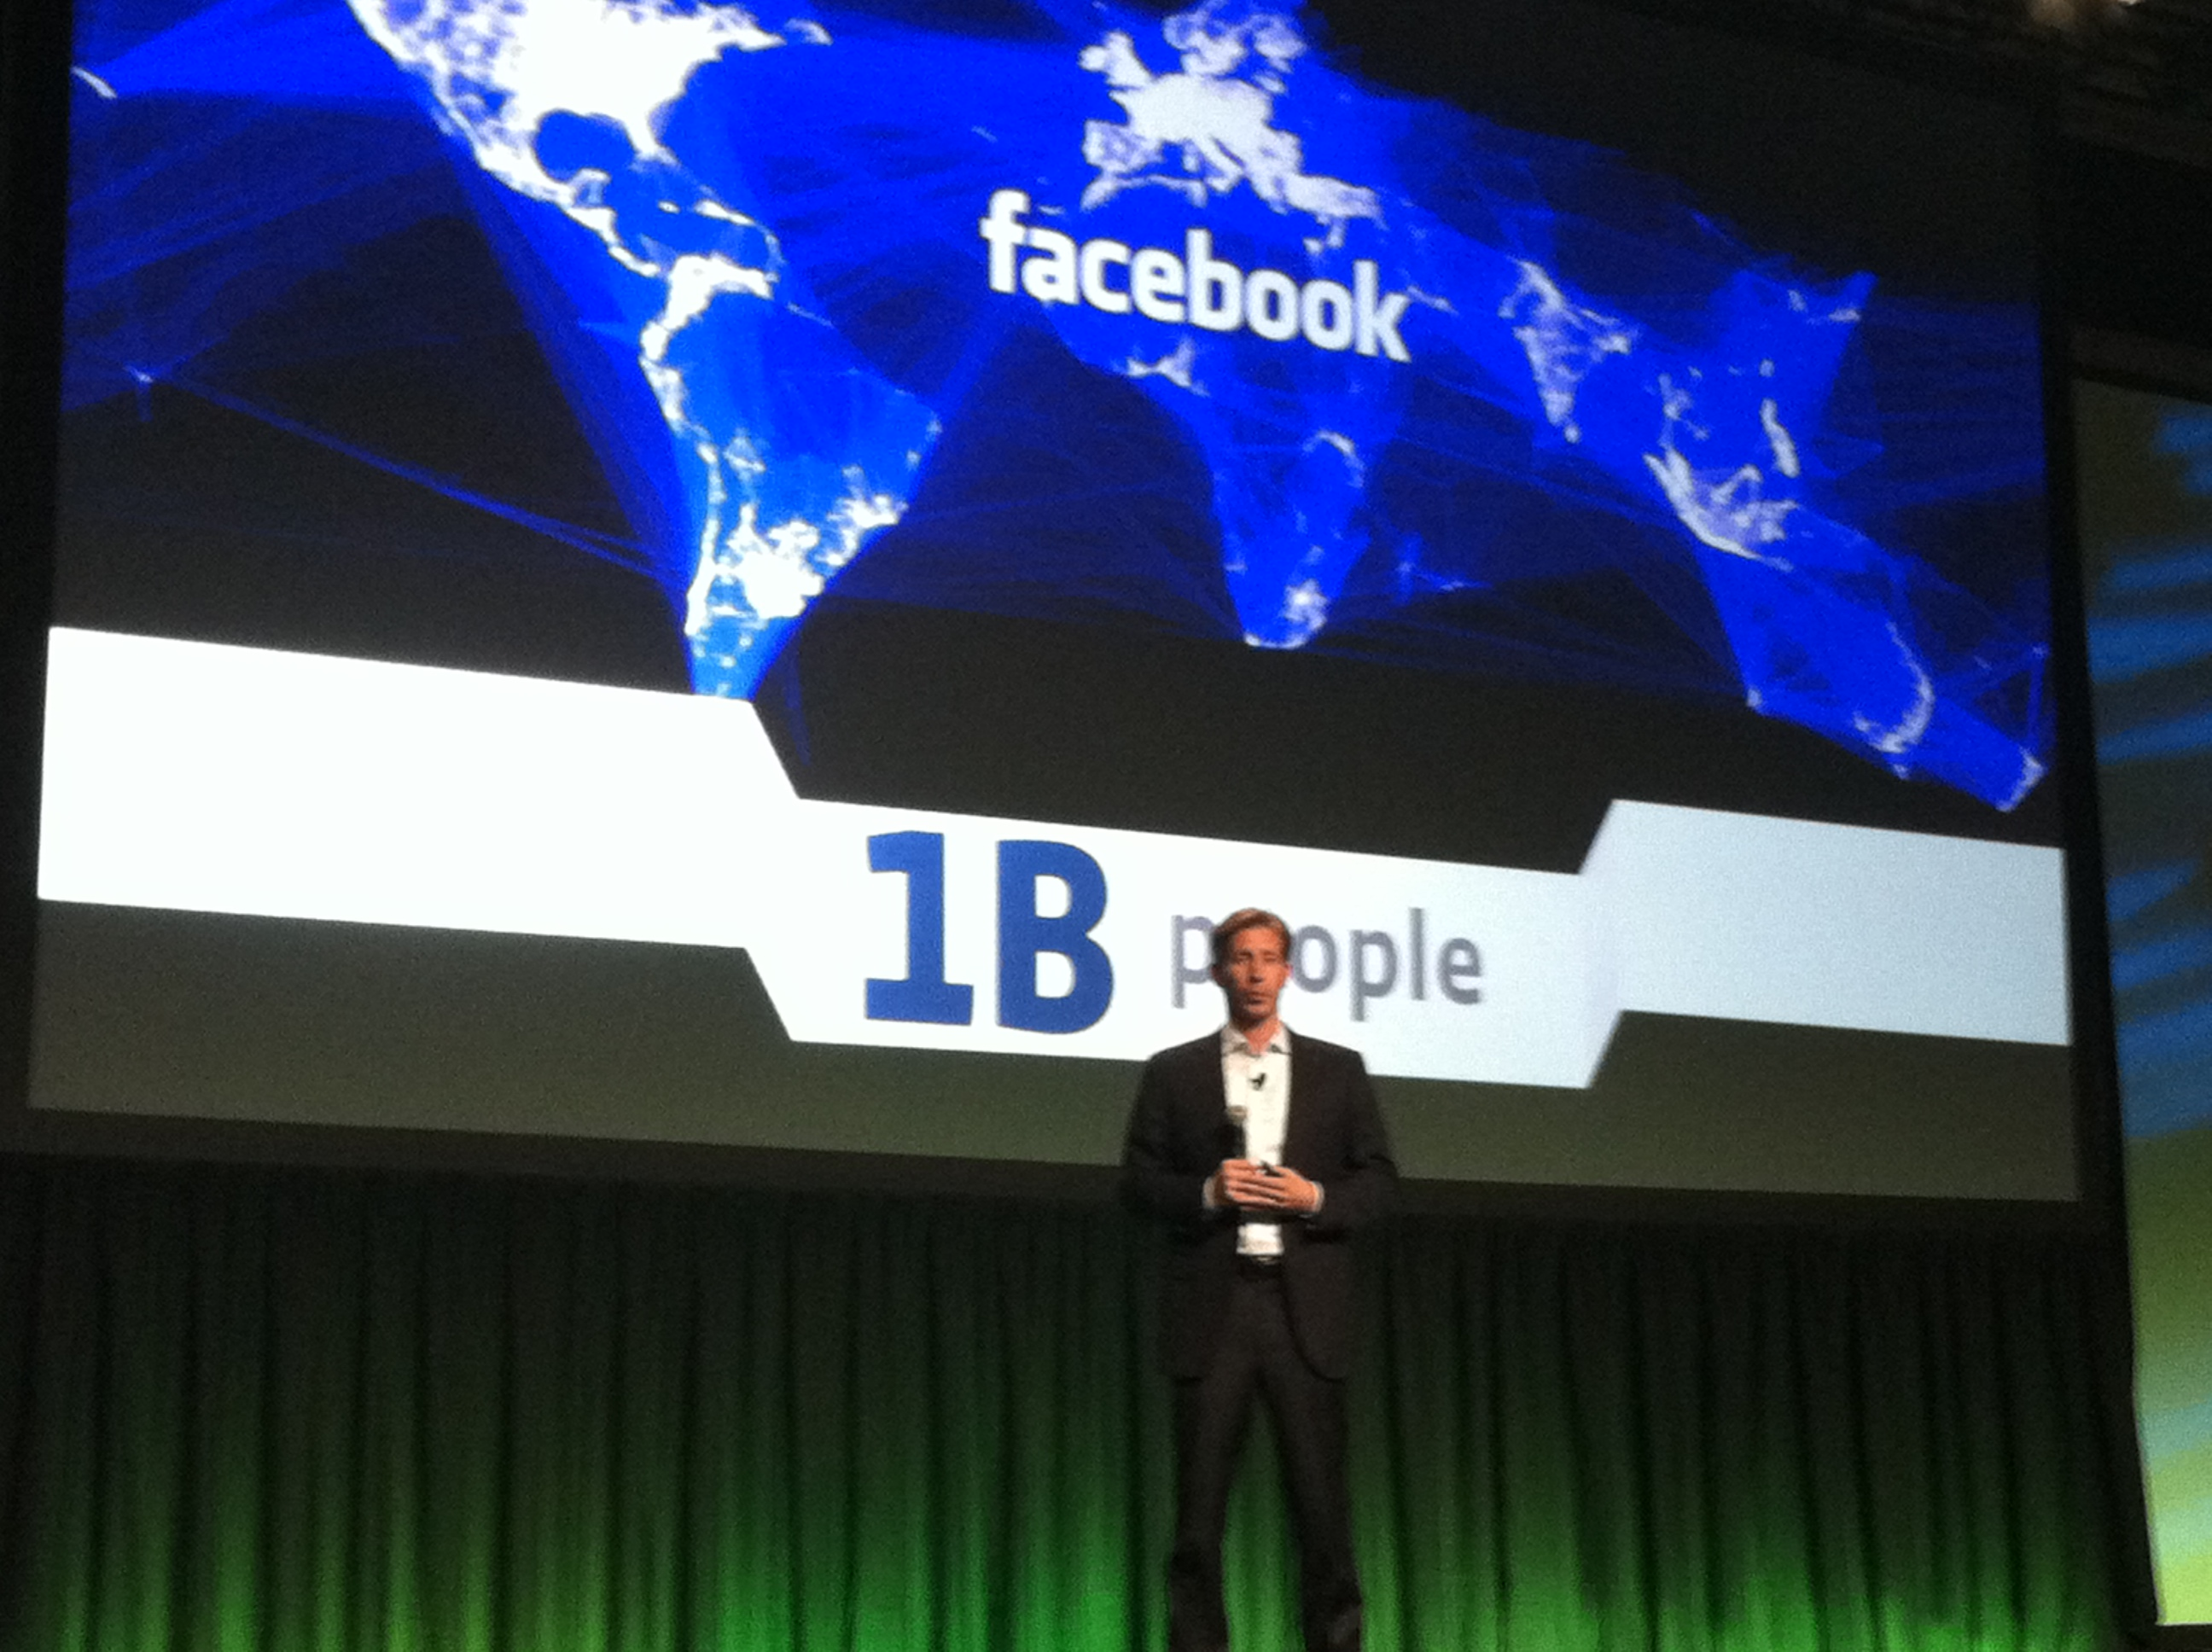 ПОСТАВЕН НОВ РЕКОРД: Секој седми жител на планетата користел Фејсбук